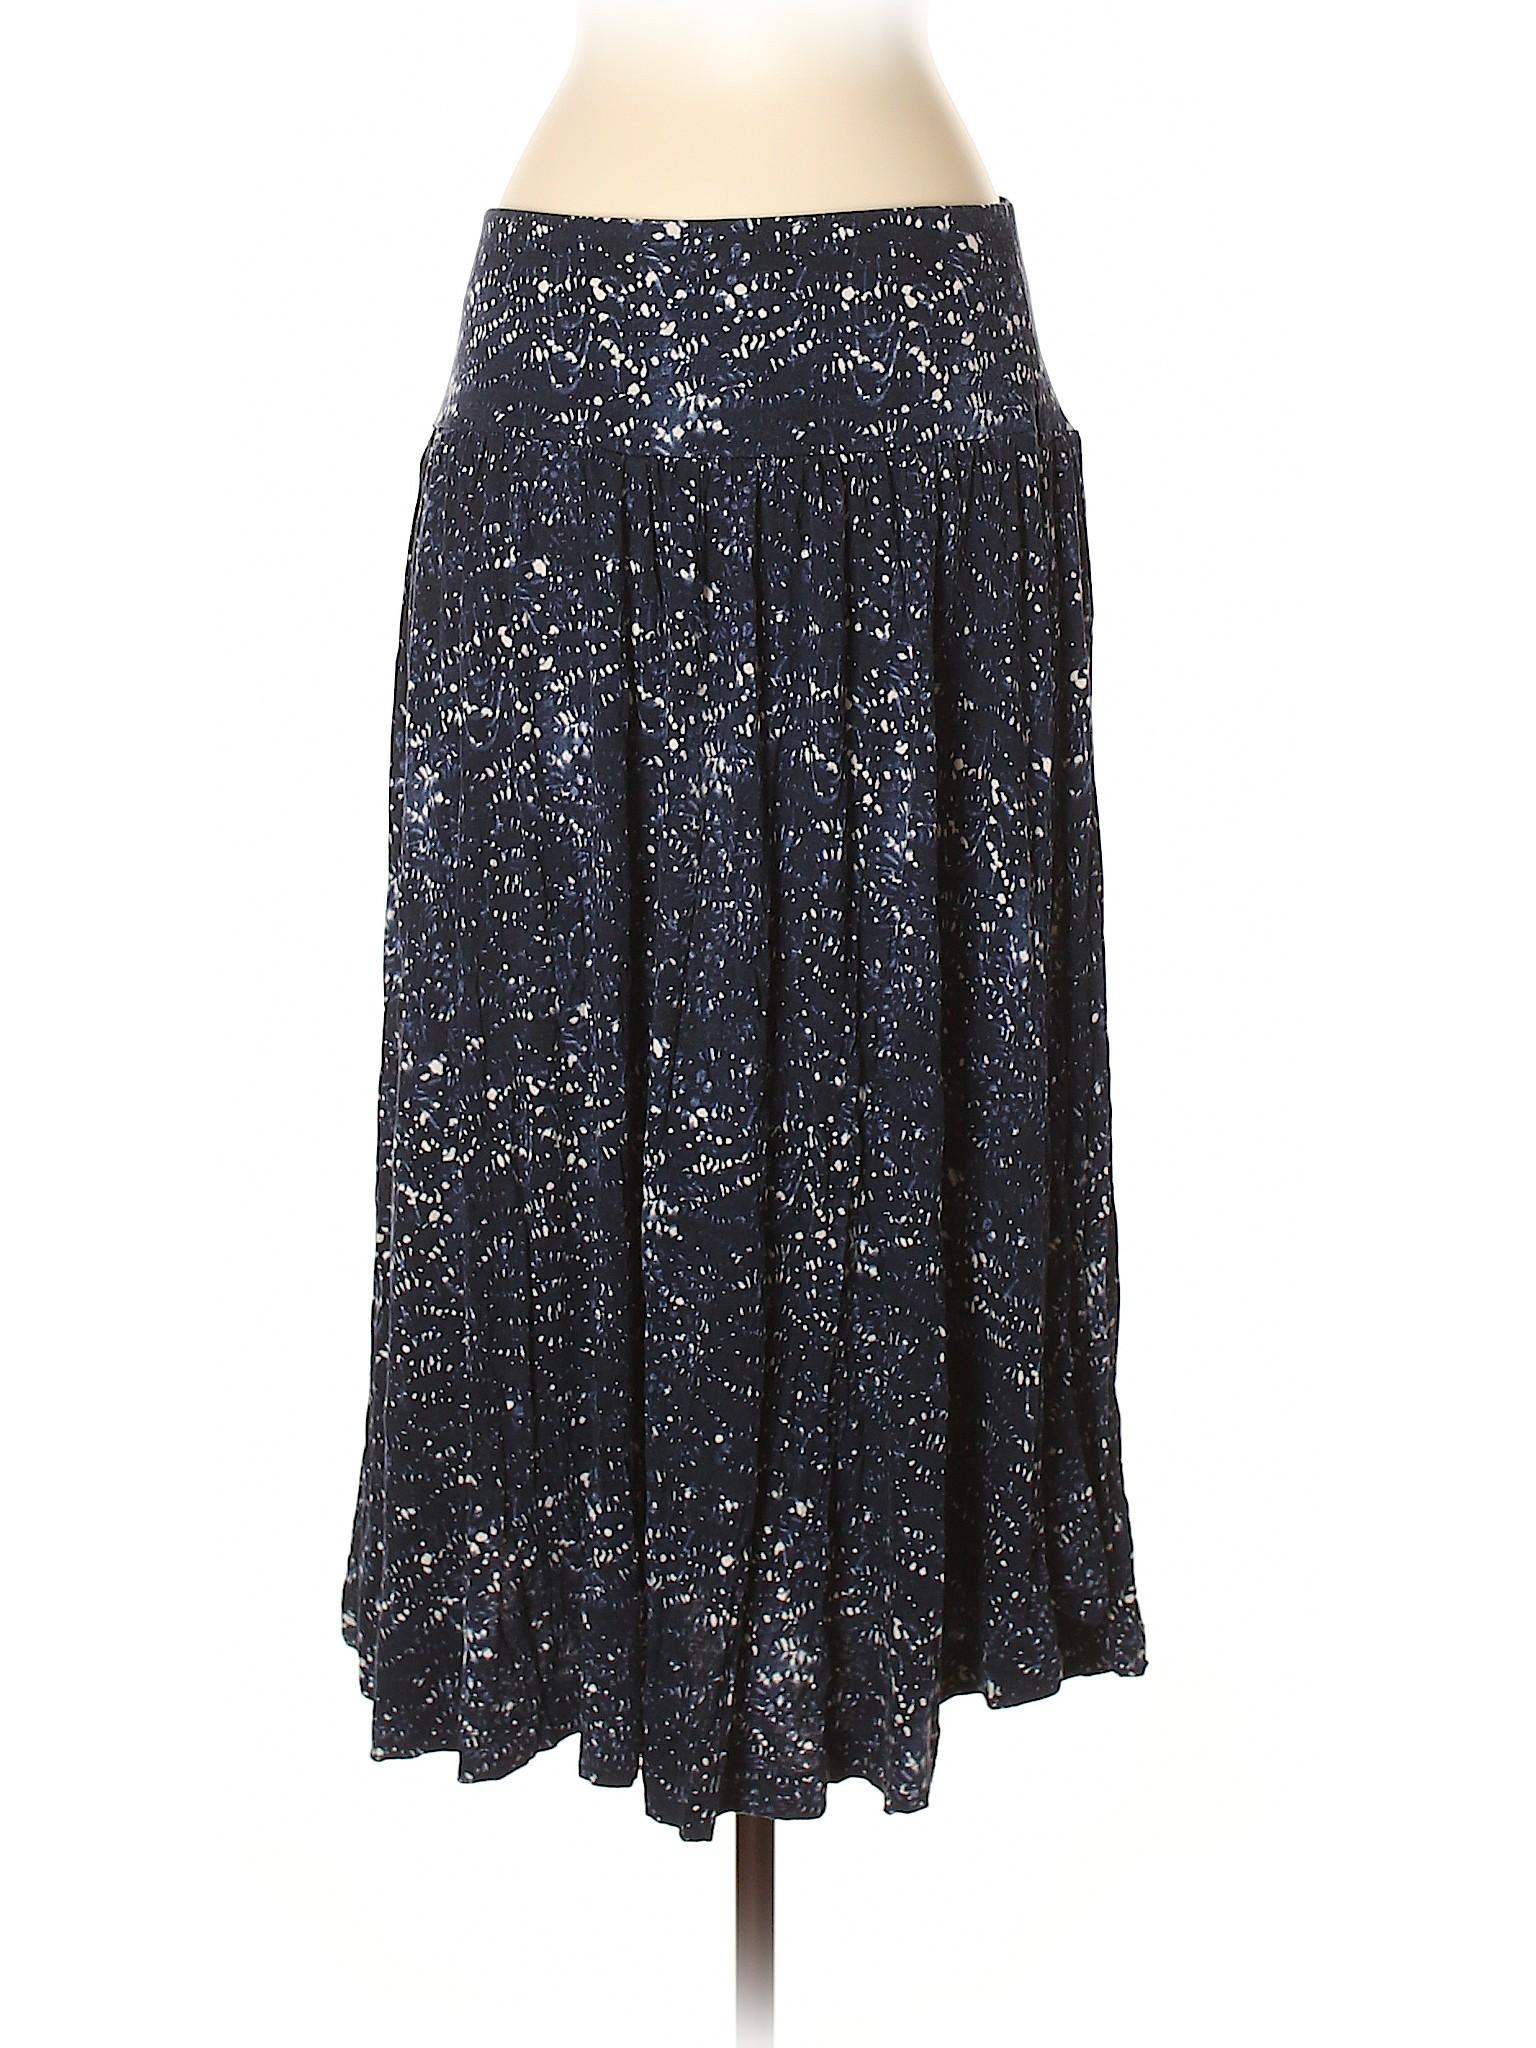 Skirt Ann Taylor Leisure LOFT winter Casual wf7XCxqR8